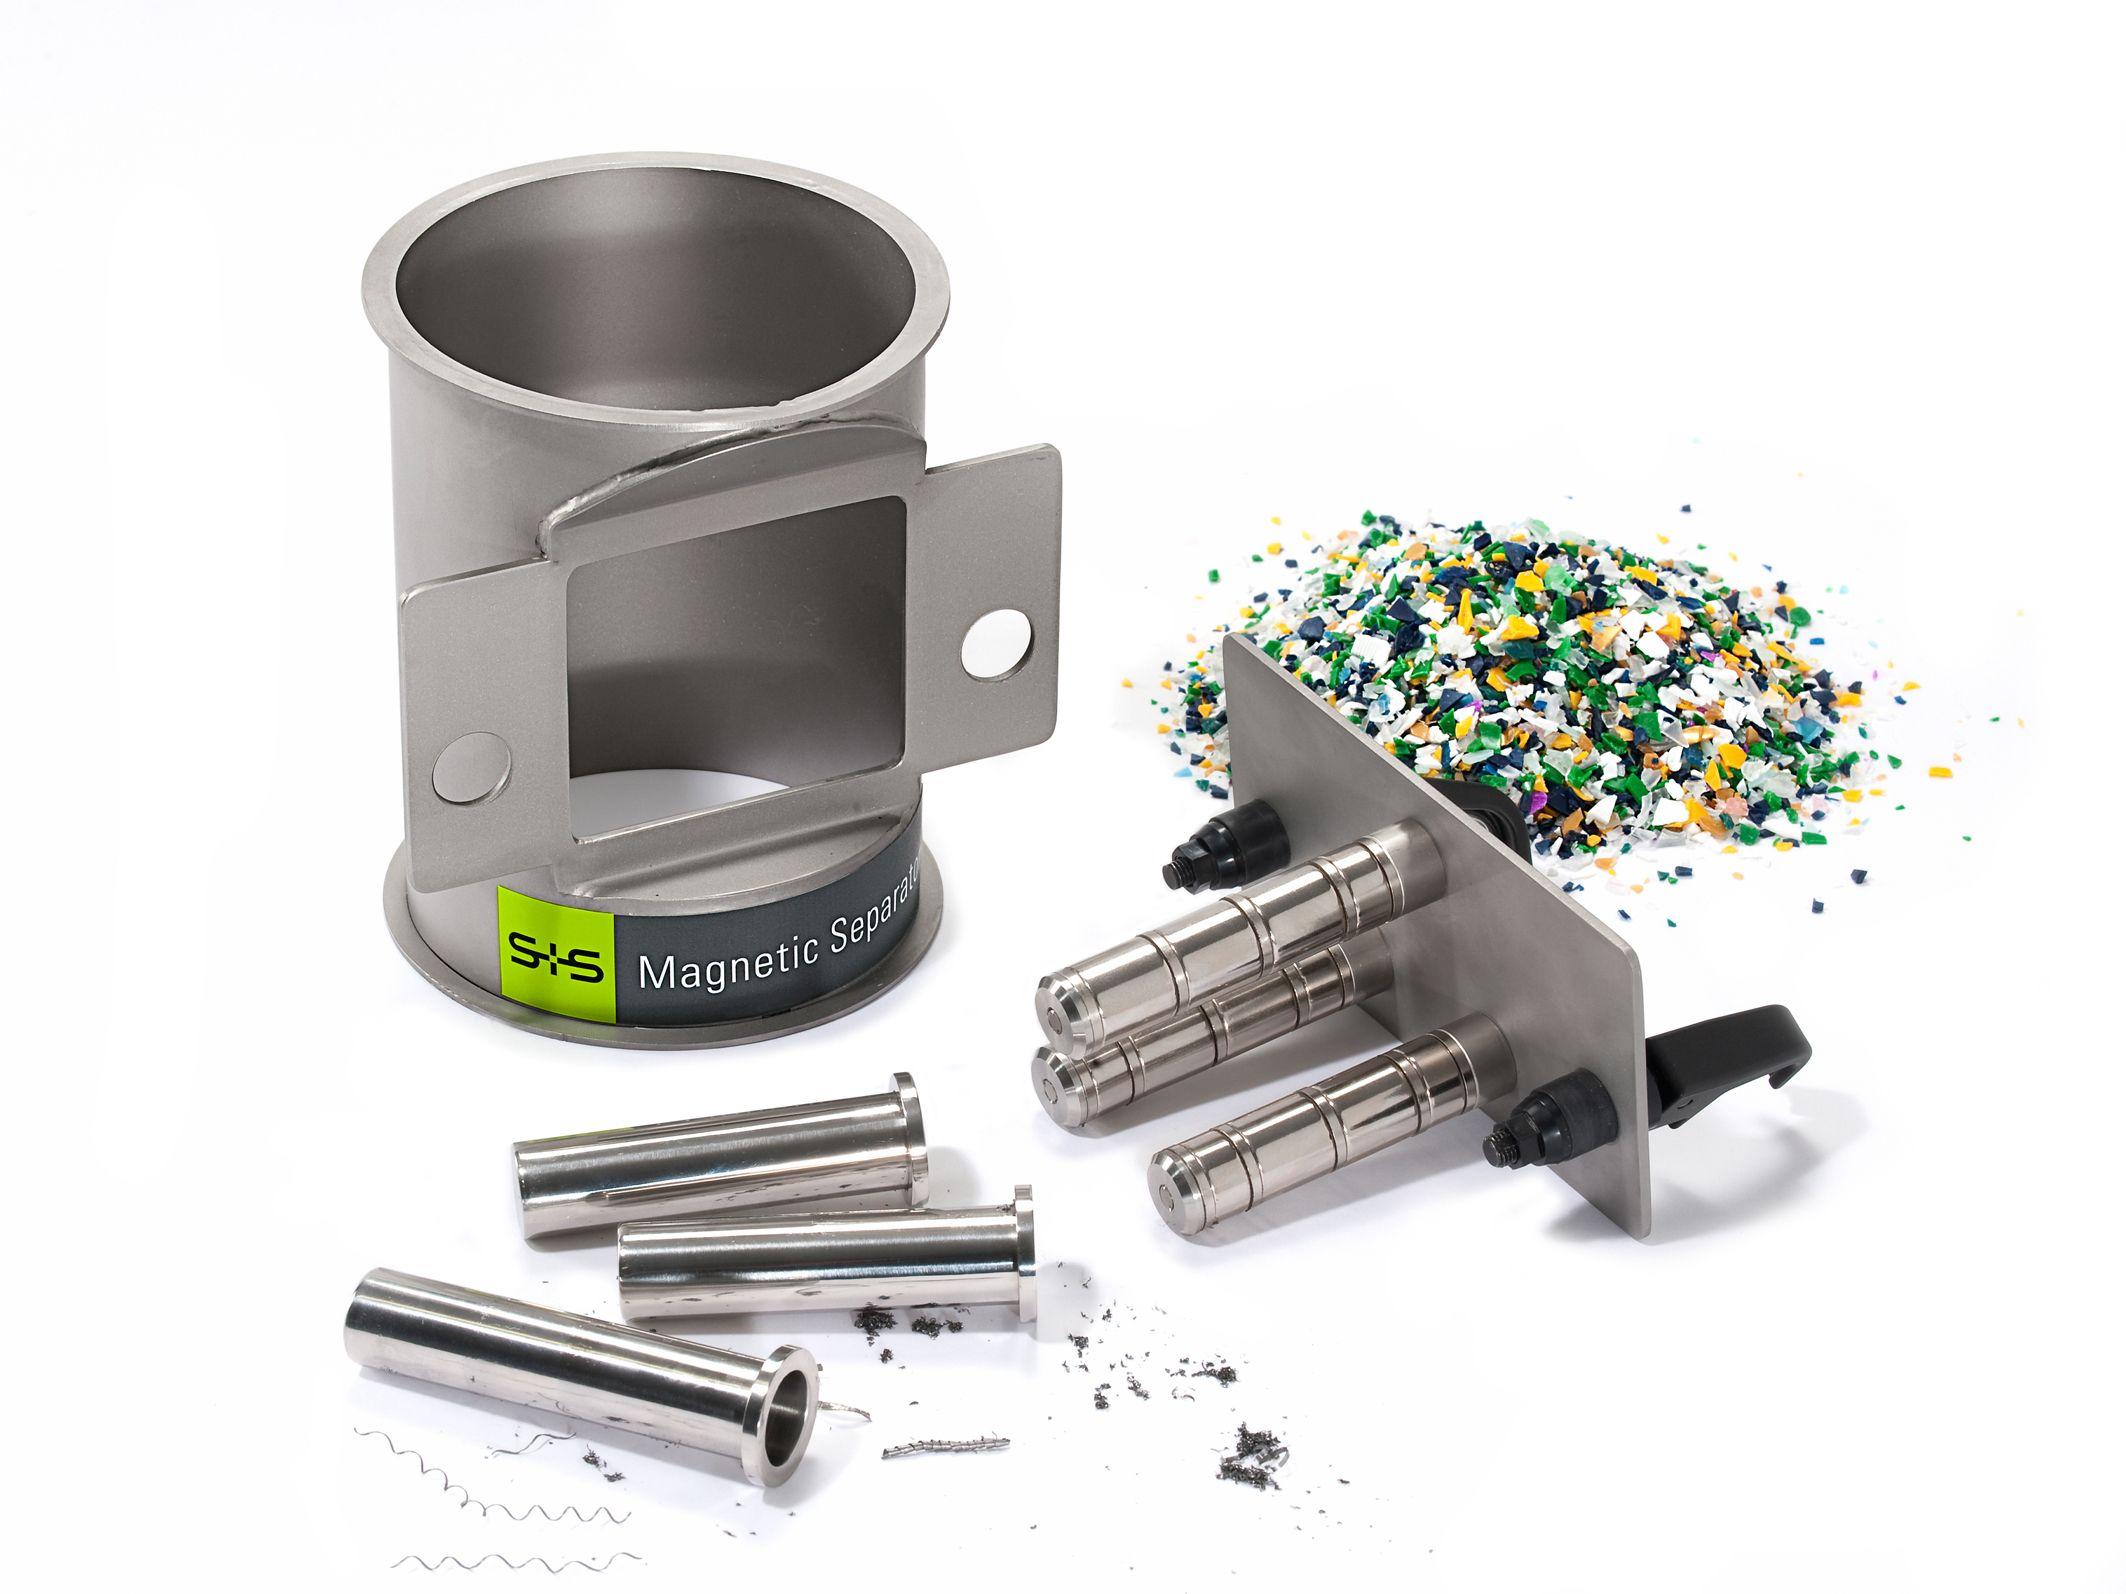 Vid bearbetning och hantering av material som plast kan en enda metallpartikel orsaka stora skador p...